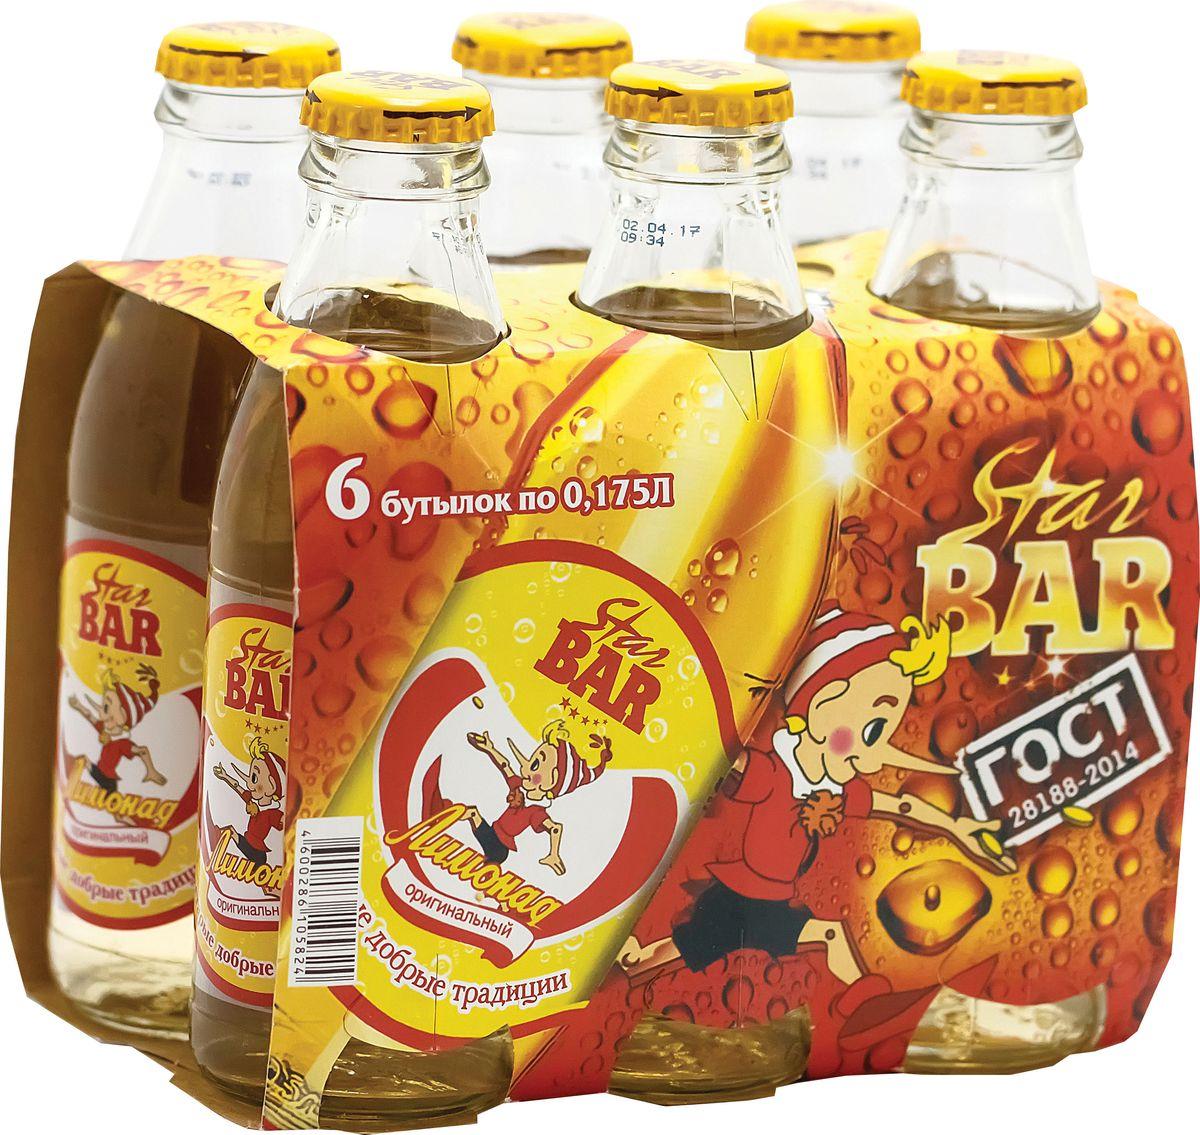 Star Bar Лимонад оригинальный, 6 шт по 0,175 л старый источник газированный напиток любимый аромат лимонад стекло 0 5л